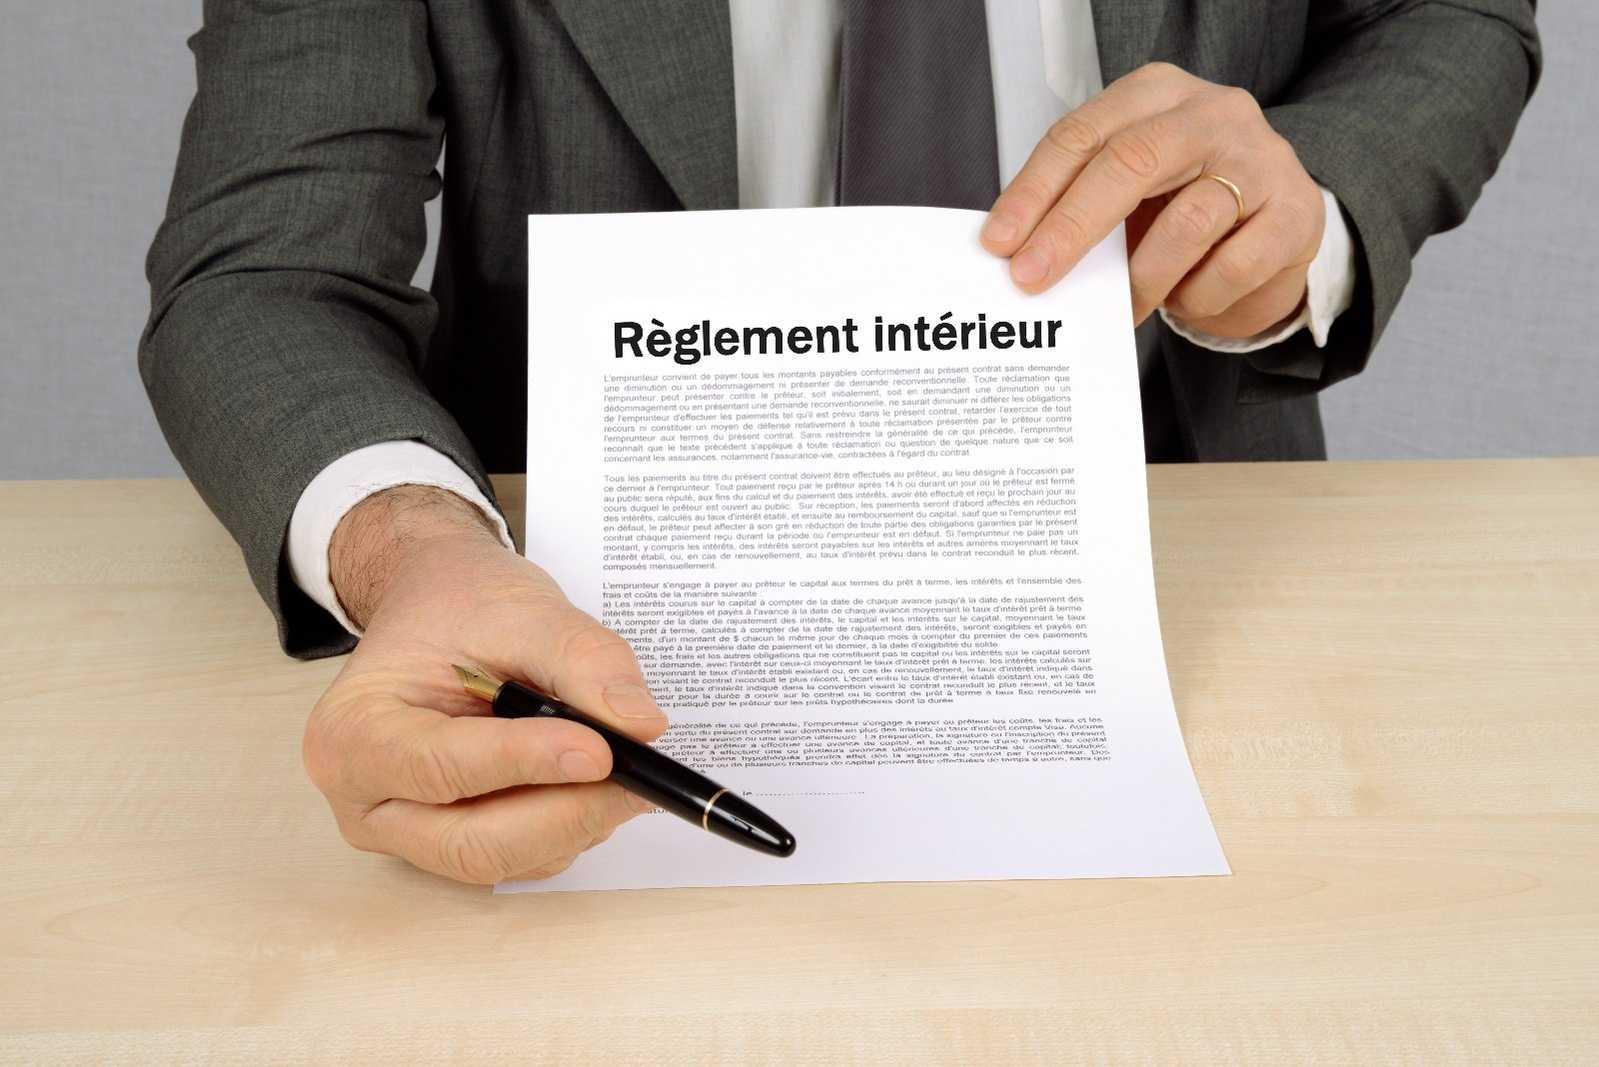 reglement-interieur-chsct